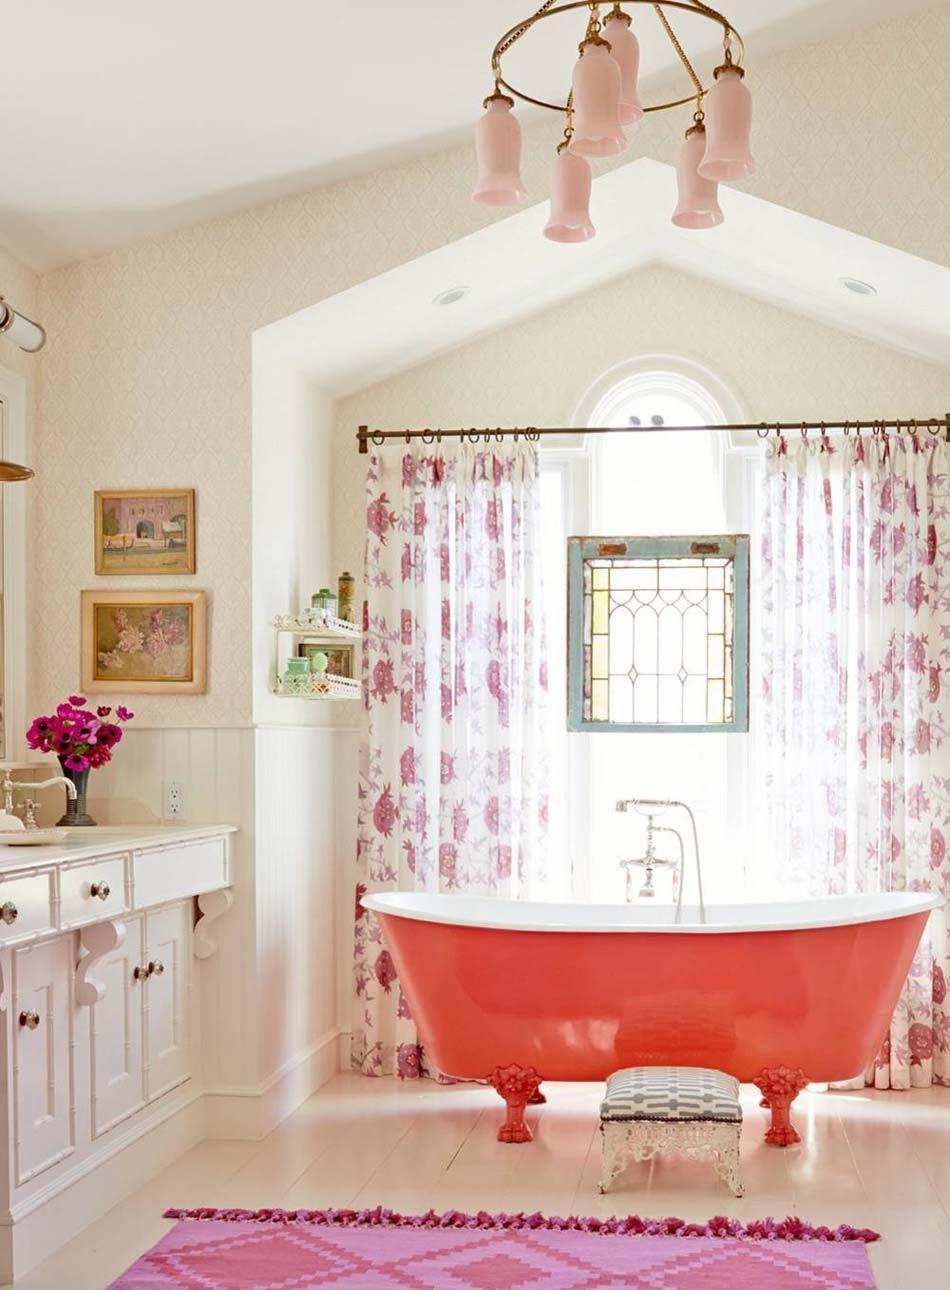 grande salle de bain la dco joyeuse avec une jolie baignoire de couleur chaude